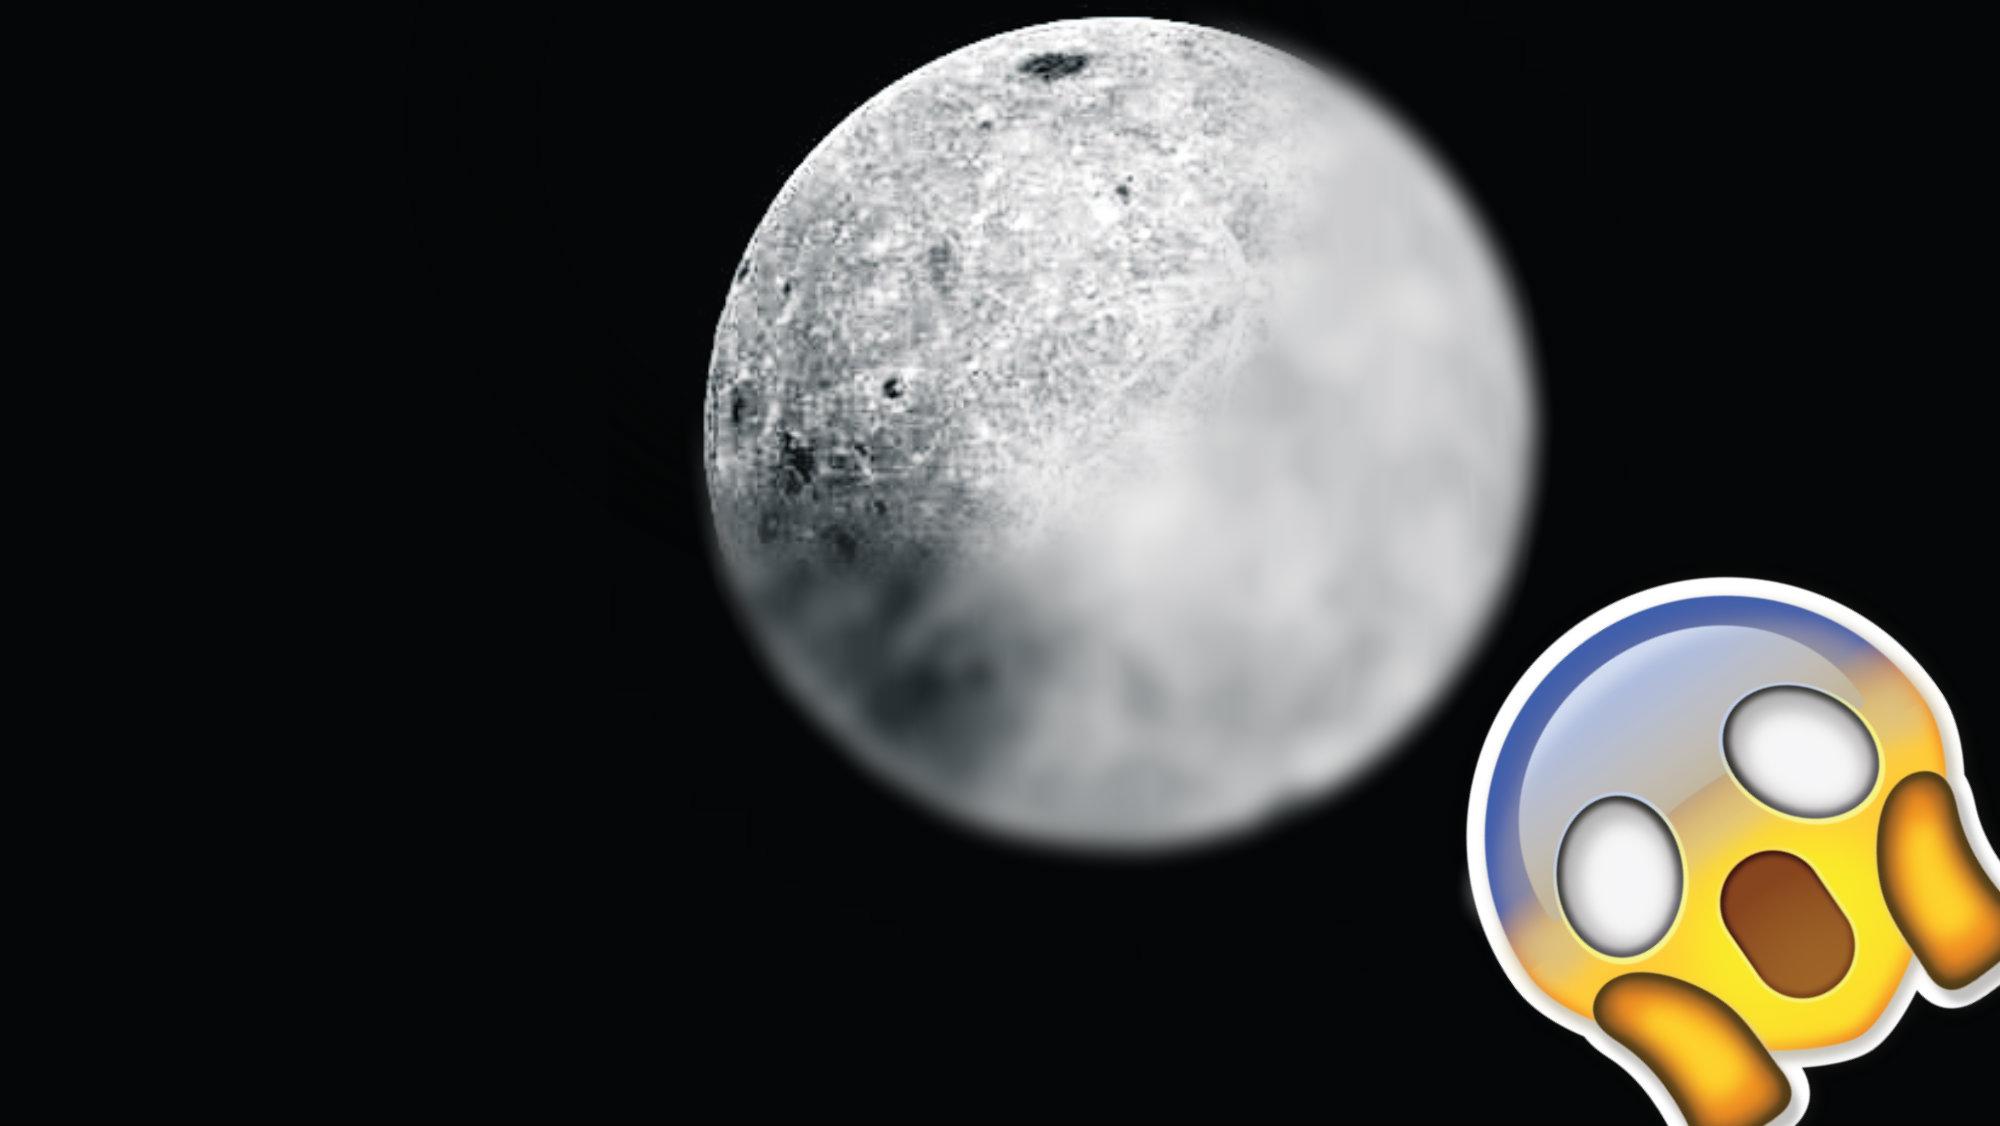 Cara Oculta Luna Tierra Fotografía